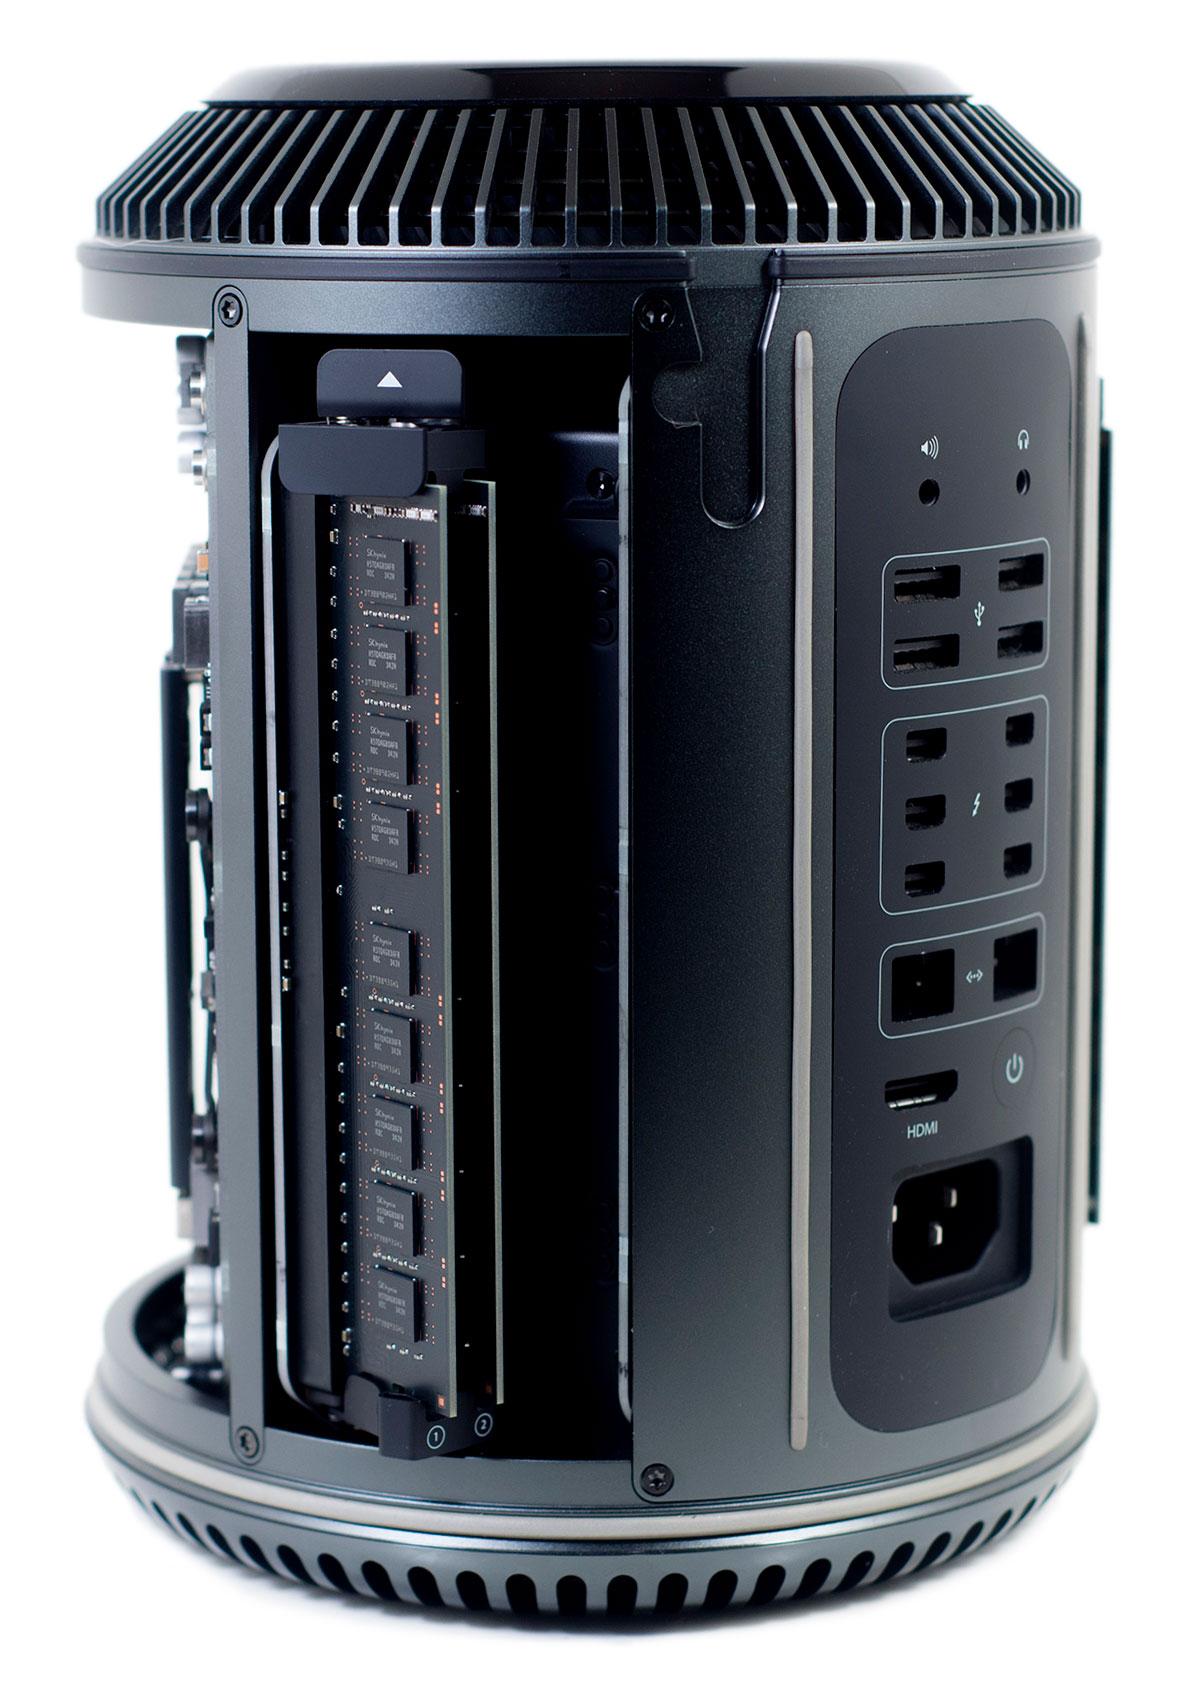 Mac Pro (Late 2013): 3,7-GHz 4-core Intel XEON-Processor - 256 GB SSD - 2x FirePro D300 2 GB - 12 GB RAM (★★★★☆)